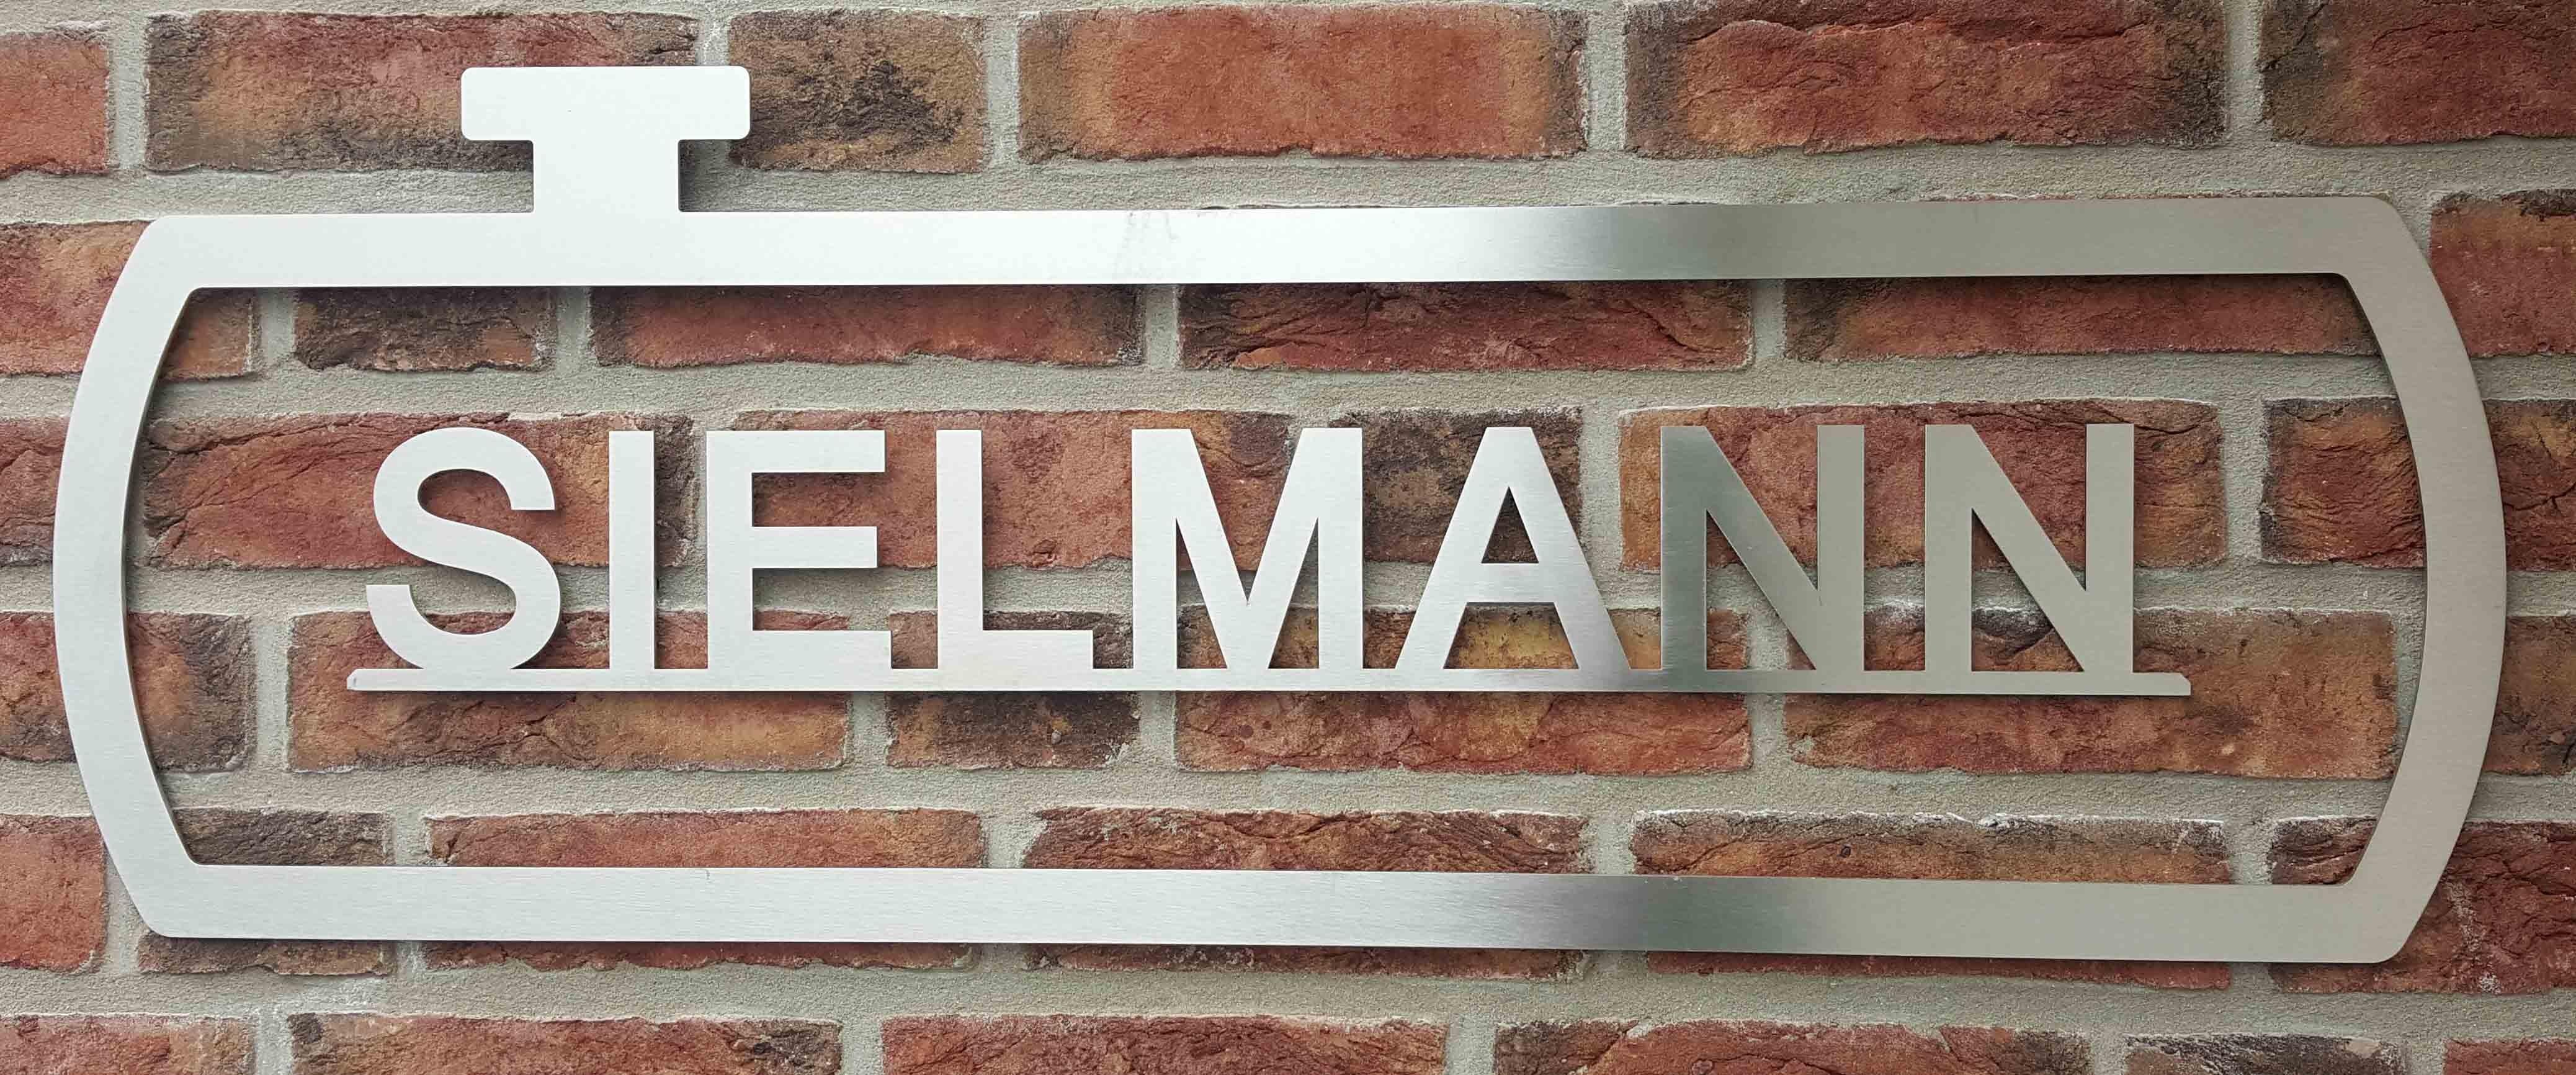 1 - Sielmann